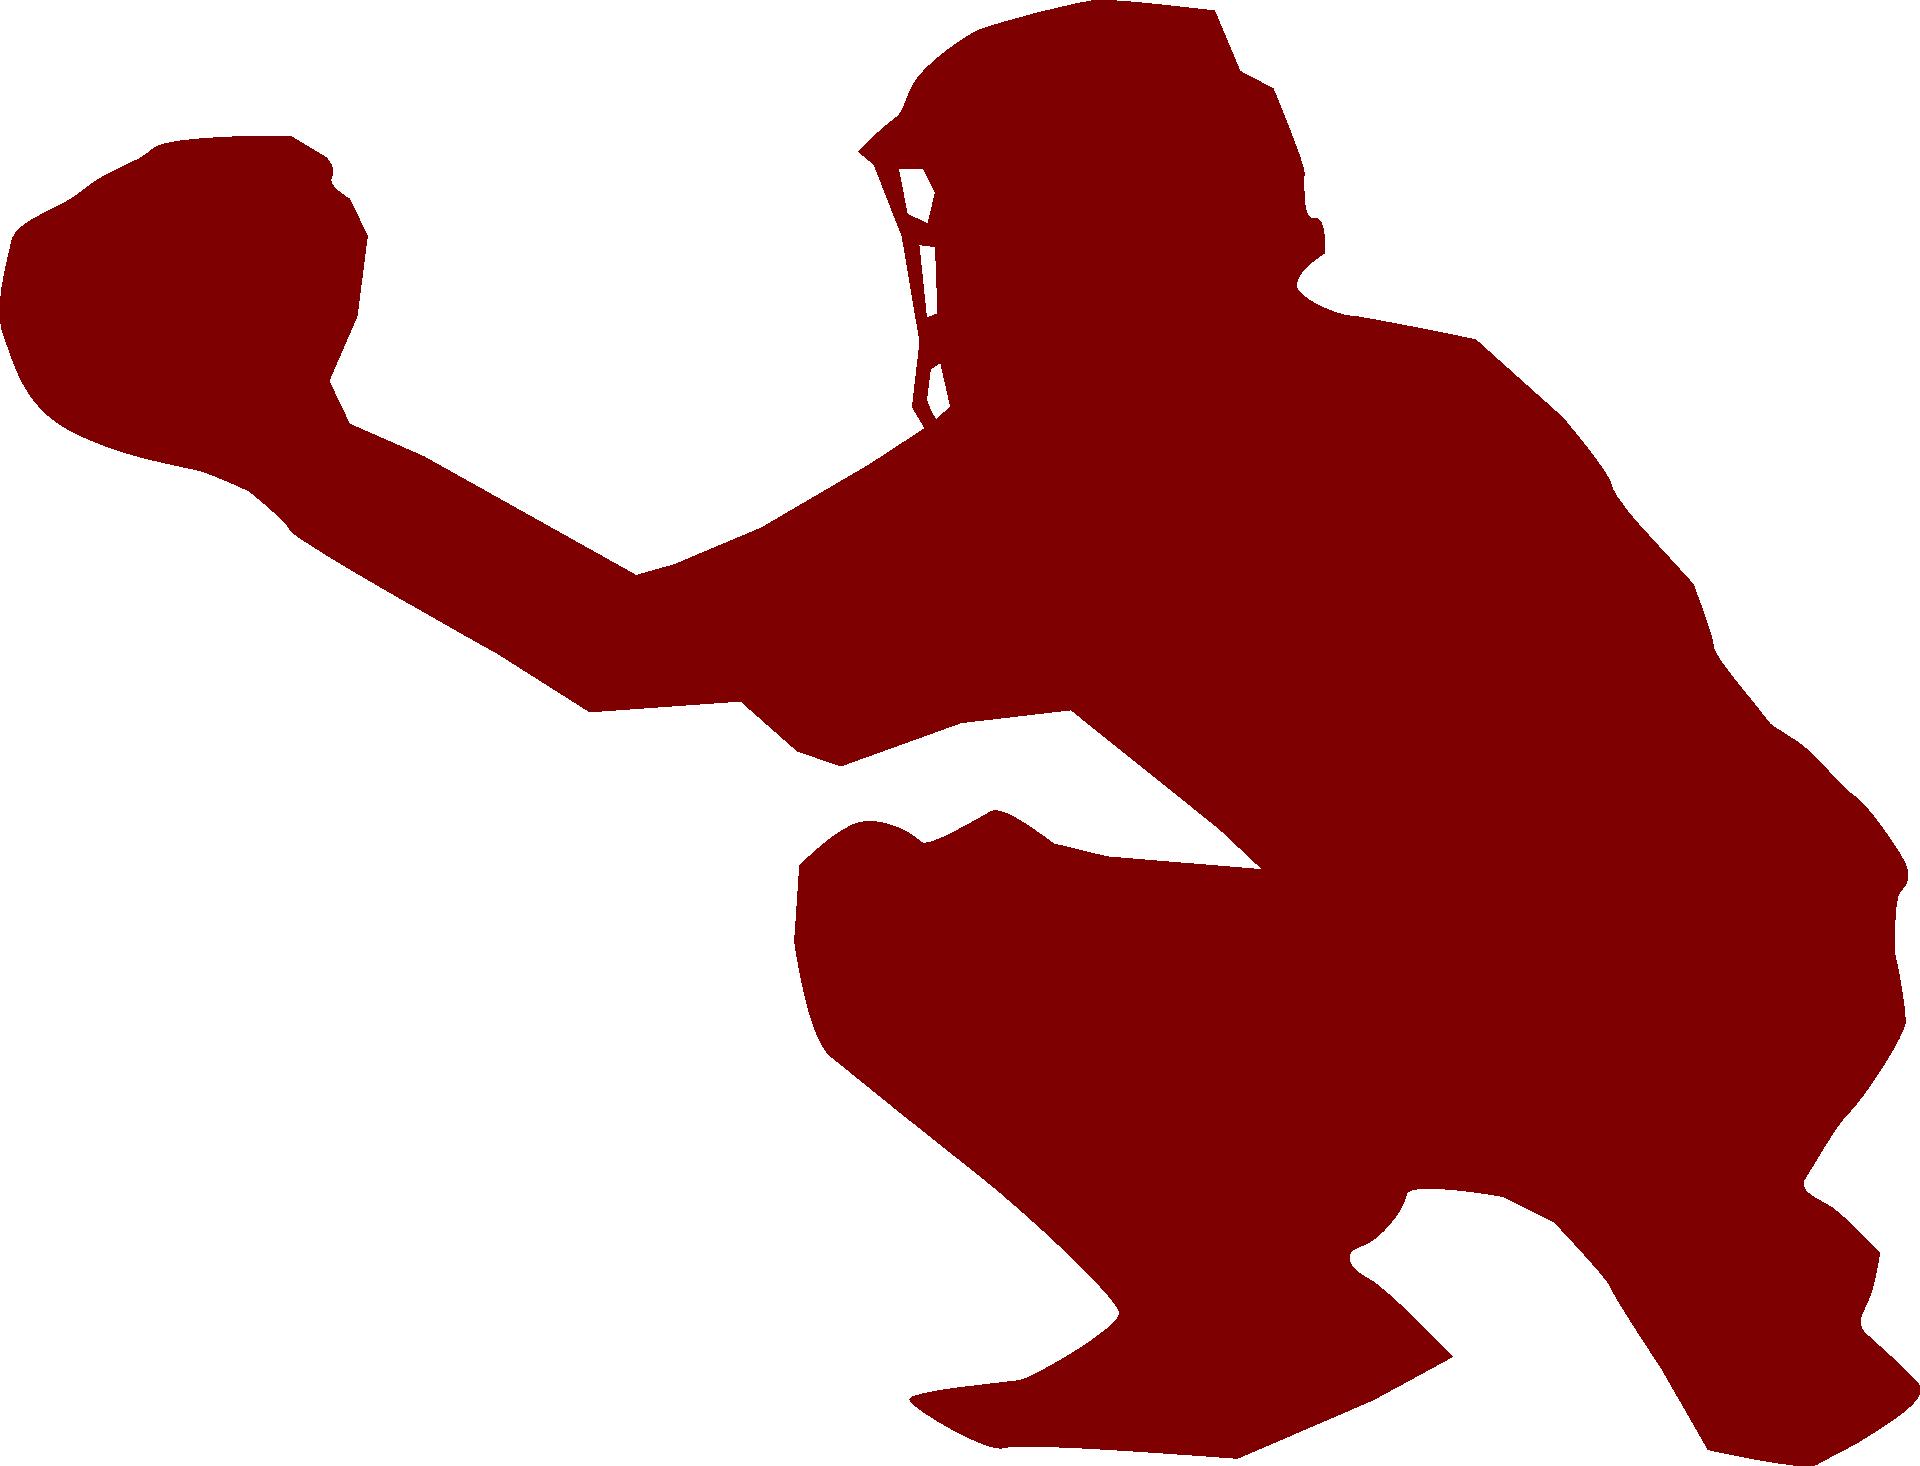 softball catcher clip art - HD1280×977